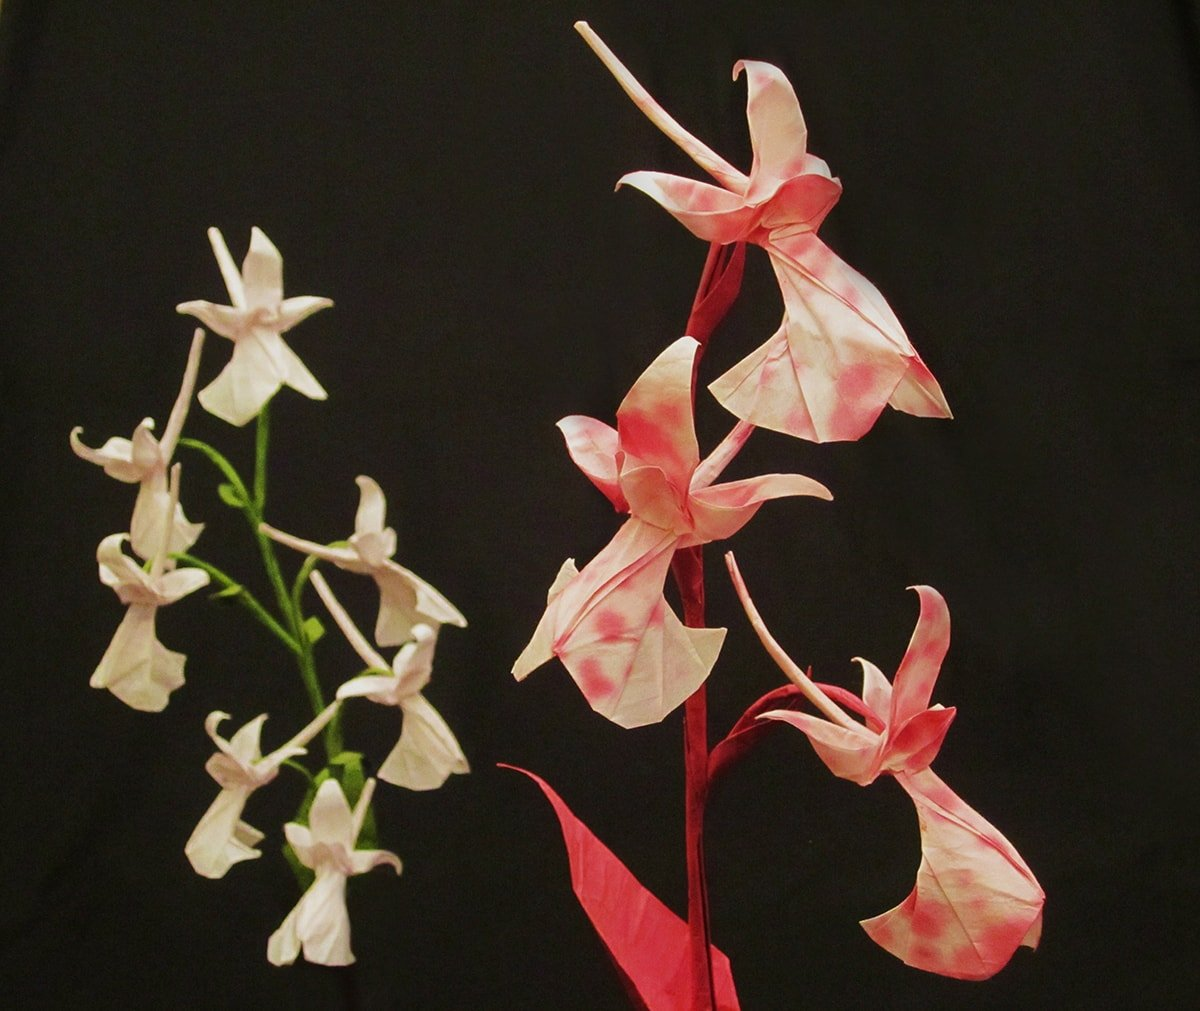 Anatolian Orchid